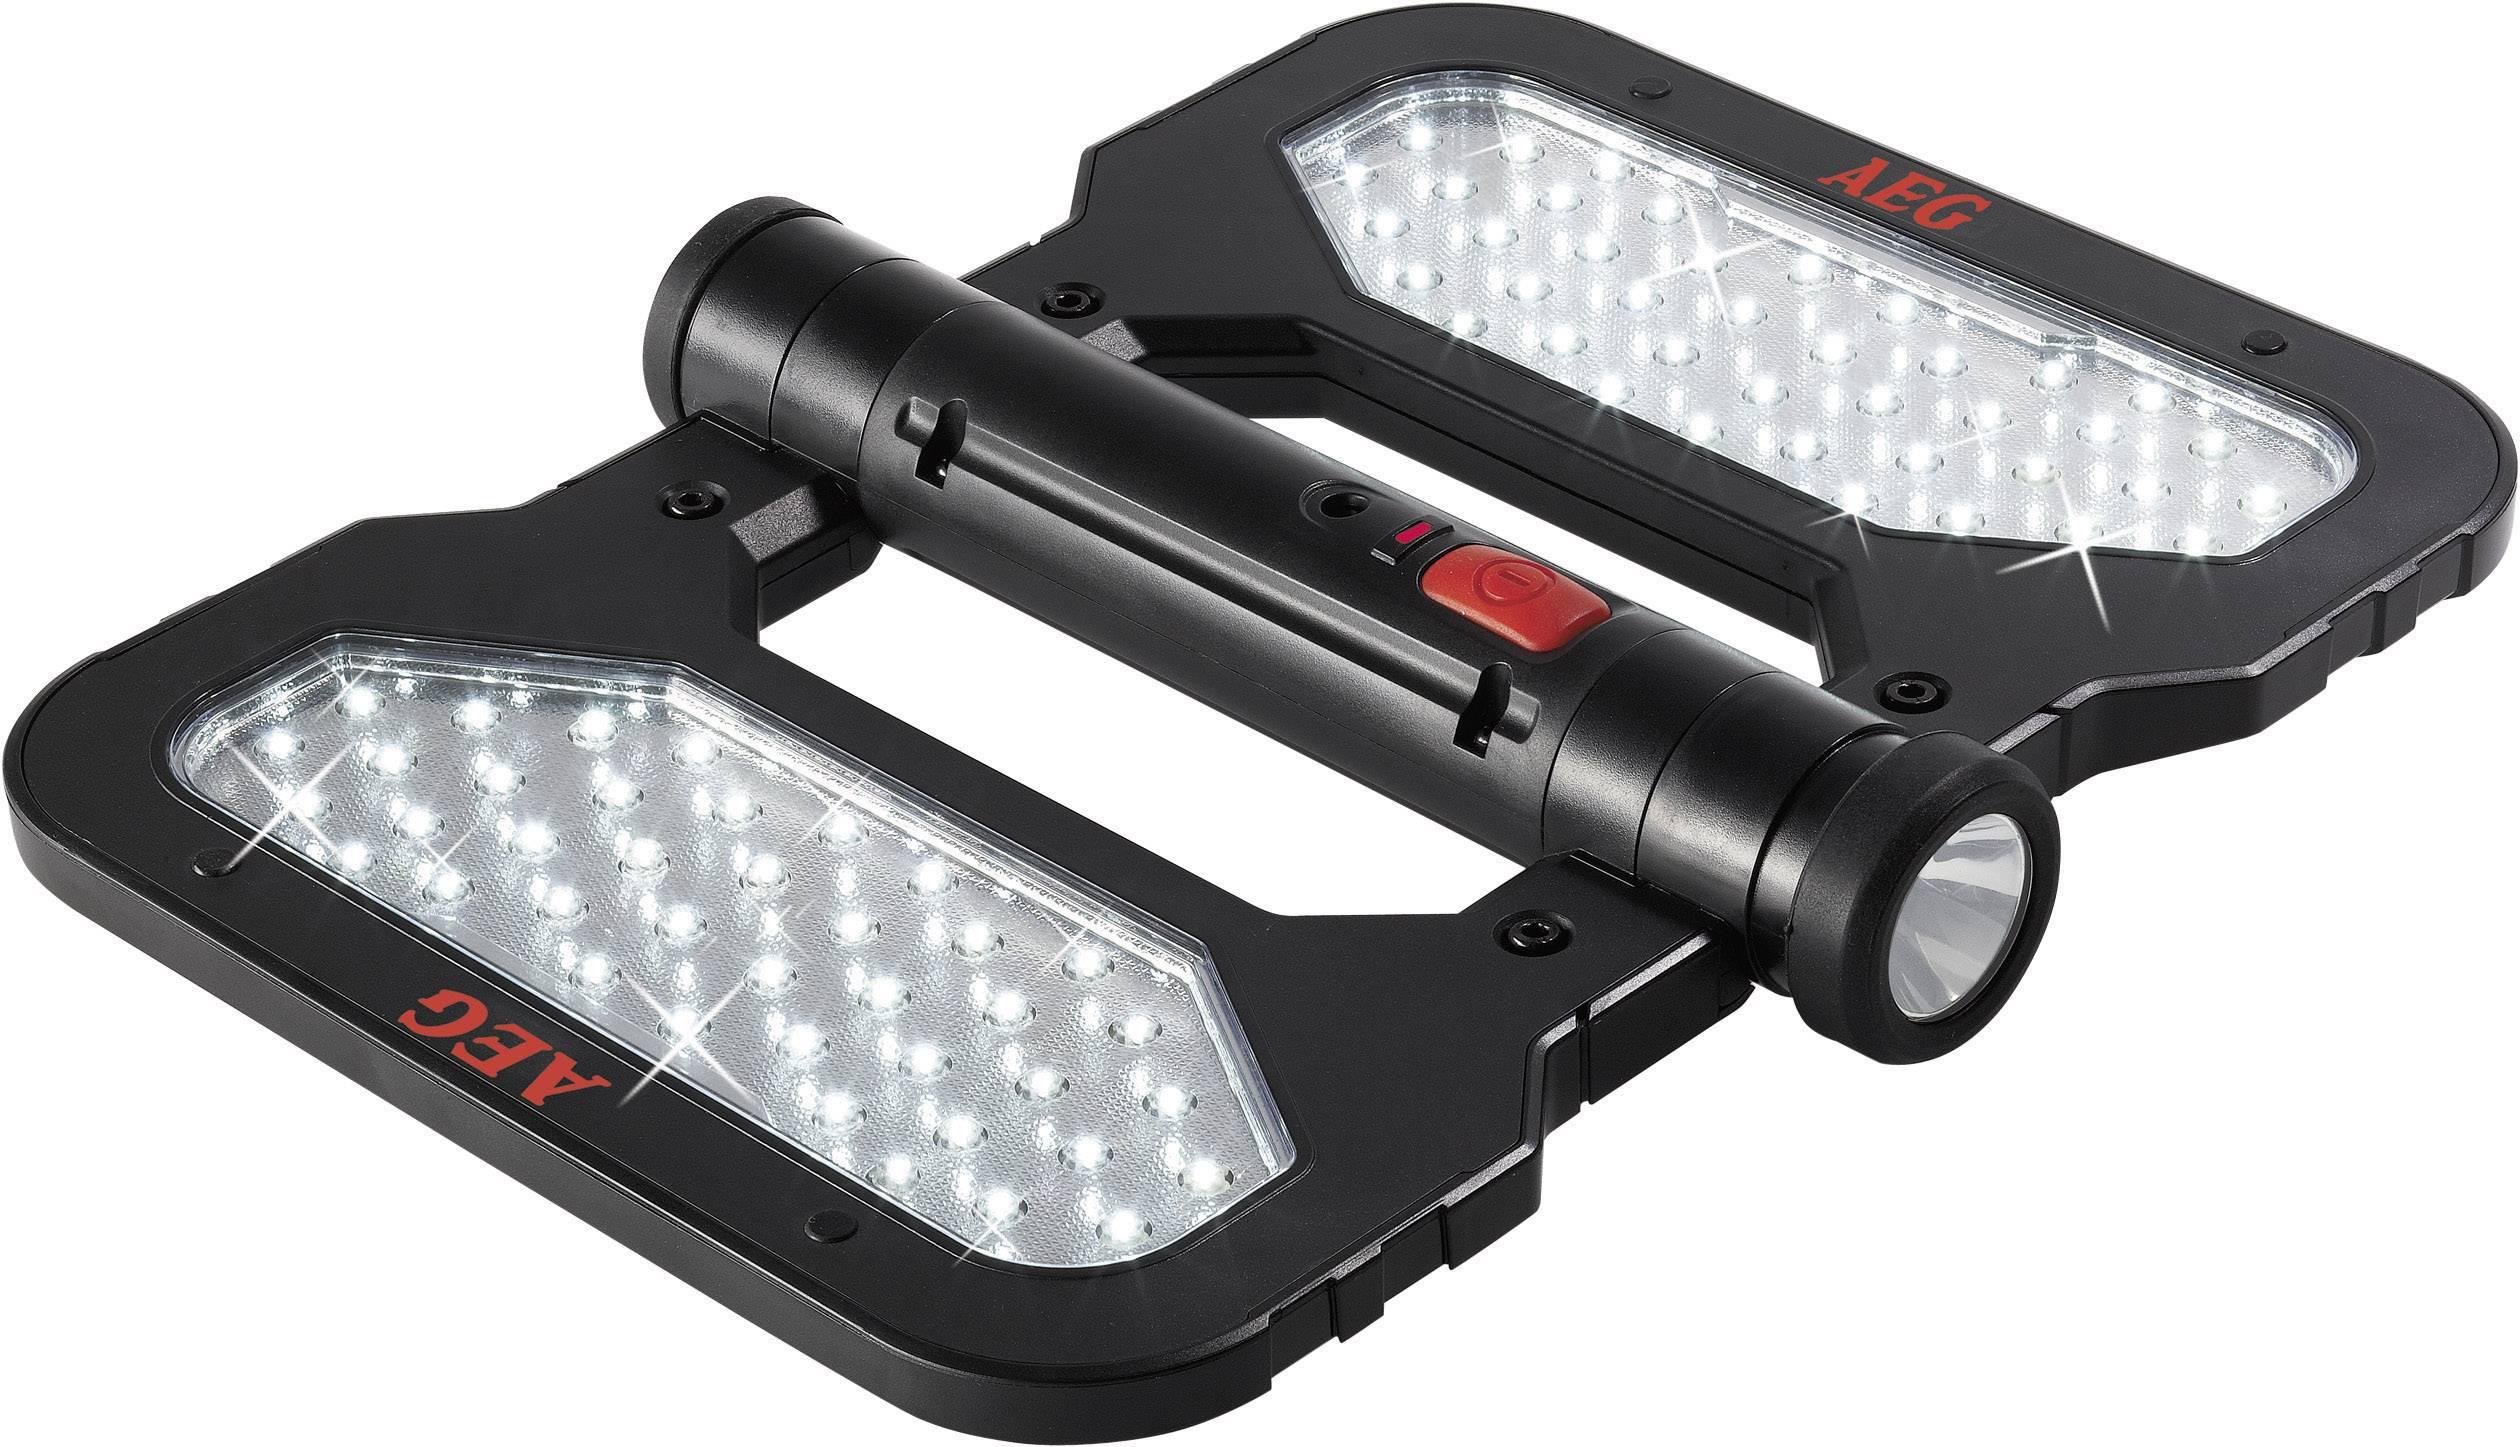 LED ploché svetlo AEG 2AEG97194 FL 80, napájanie z akumulátoru